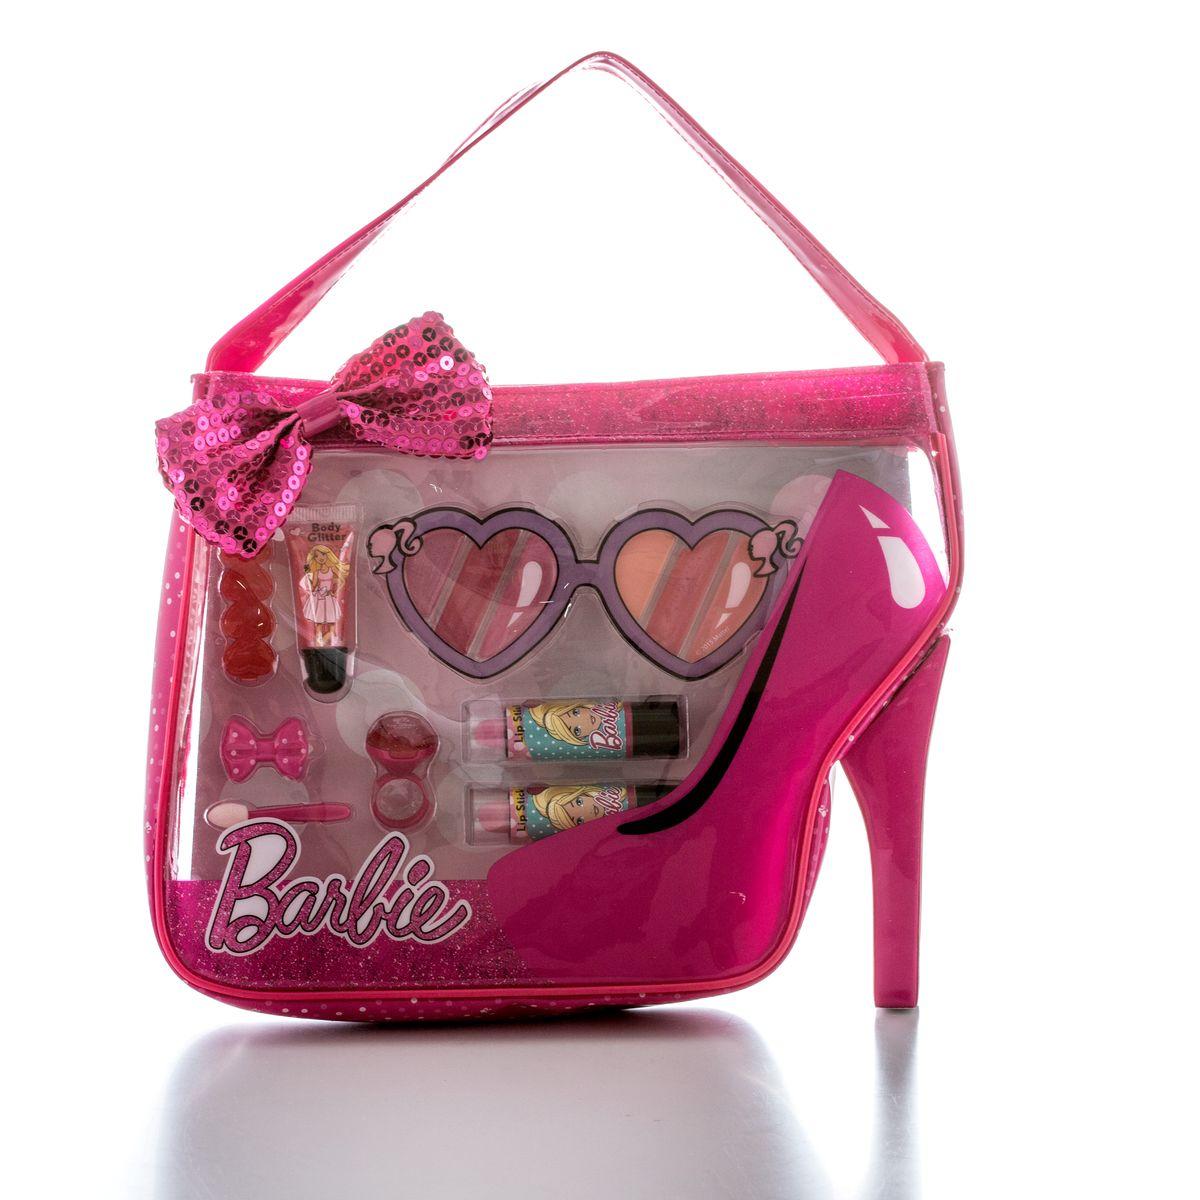 Markwins Игровой набор детской декоративной косметики Barbie в сумочке9600951Состав набора: блеск для губ в тубе 1 шт., губные помады в футлярах 2 шт., блеск для губ в колечке 1 шт., палитра блесков для губ из 6 оттенков, заколочки для волос 2 шт., аппликатор 1 шт., сумочка 1 шт.